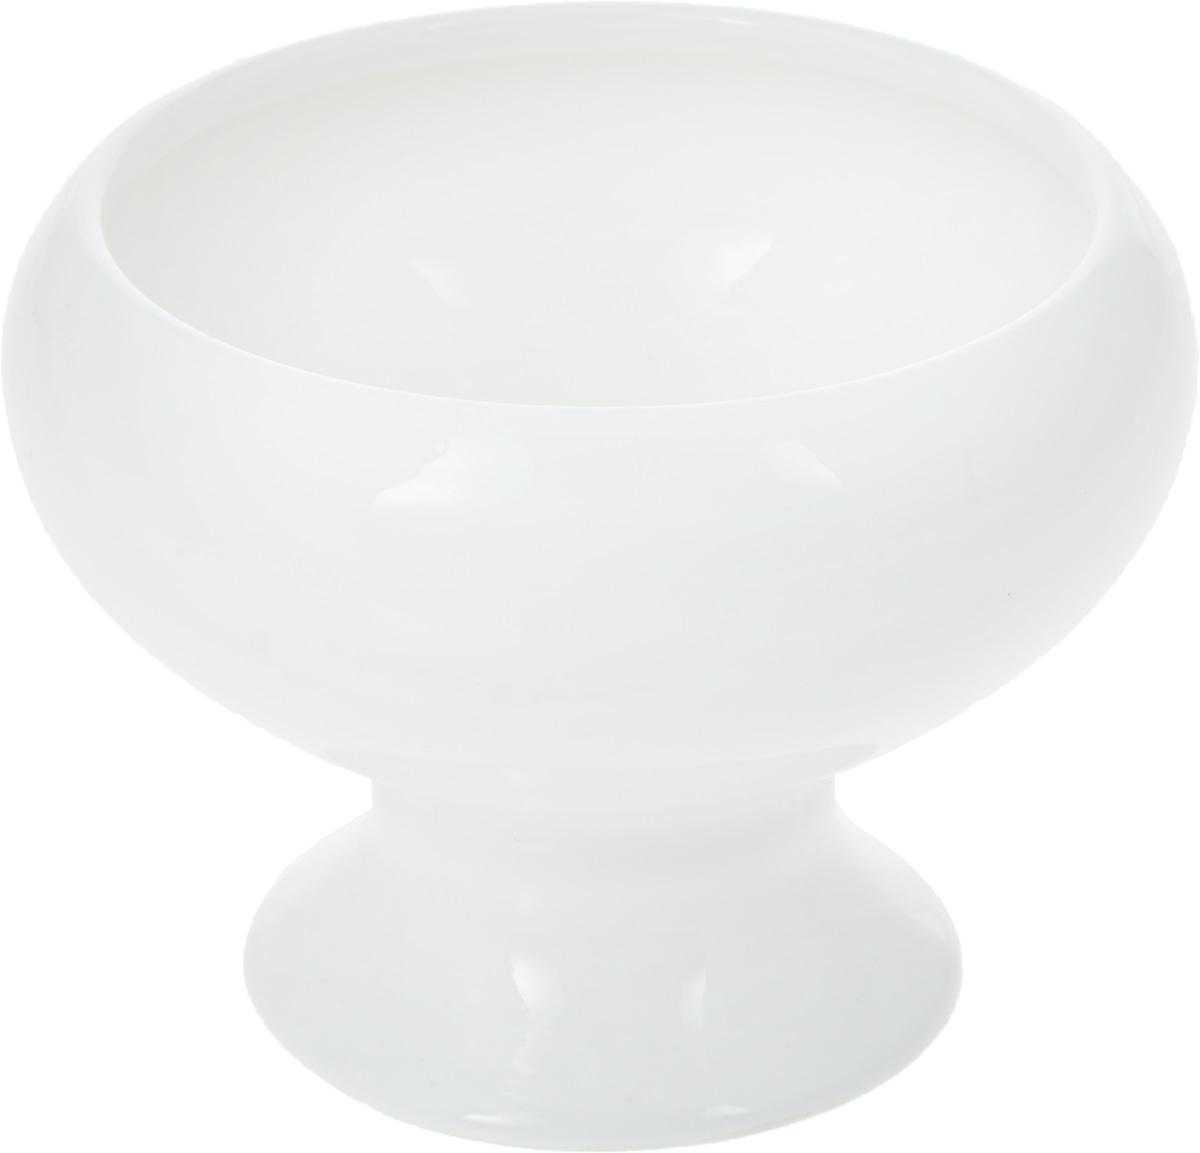 Креманка Wilmax630558Креманка Wilmax изготовлена из высококачественного фарфора, покрытого глазурью. Изделие предназначено для подачи мороженого и различных десертов, также может использоваться для хранения варенья, меда, джемов. Такая креманка пригодится в любом хозяйстве, она подойдет как для праздничного стола, так и для повседневного использования. Изделие функциональное, практичное и легкое в уходе. Диаметр креманки (по верхнему краю): 9 см. Внешний диаметр креманки: 11 см. Высота креманки: 8 см.